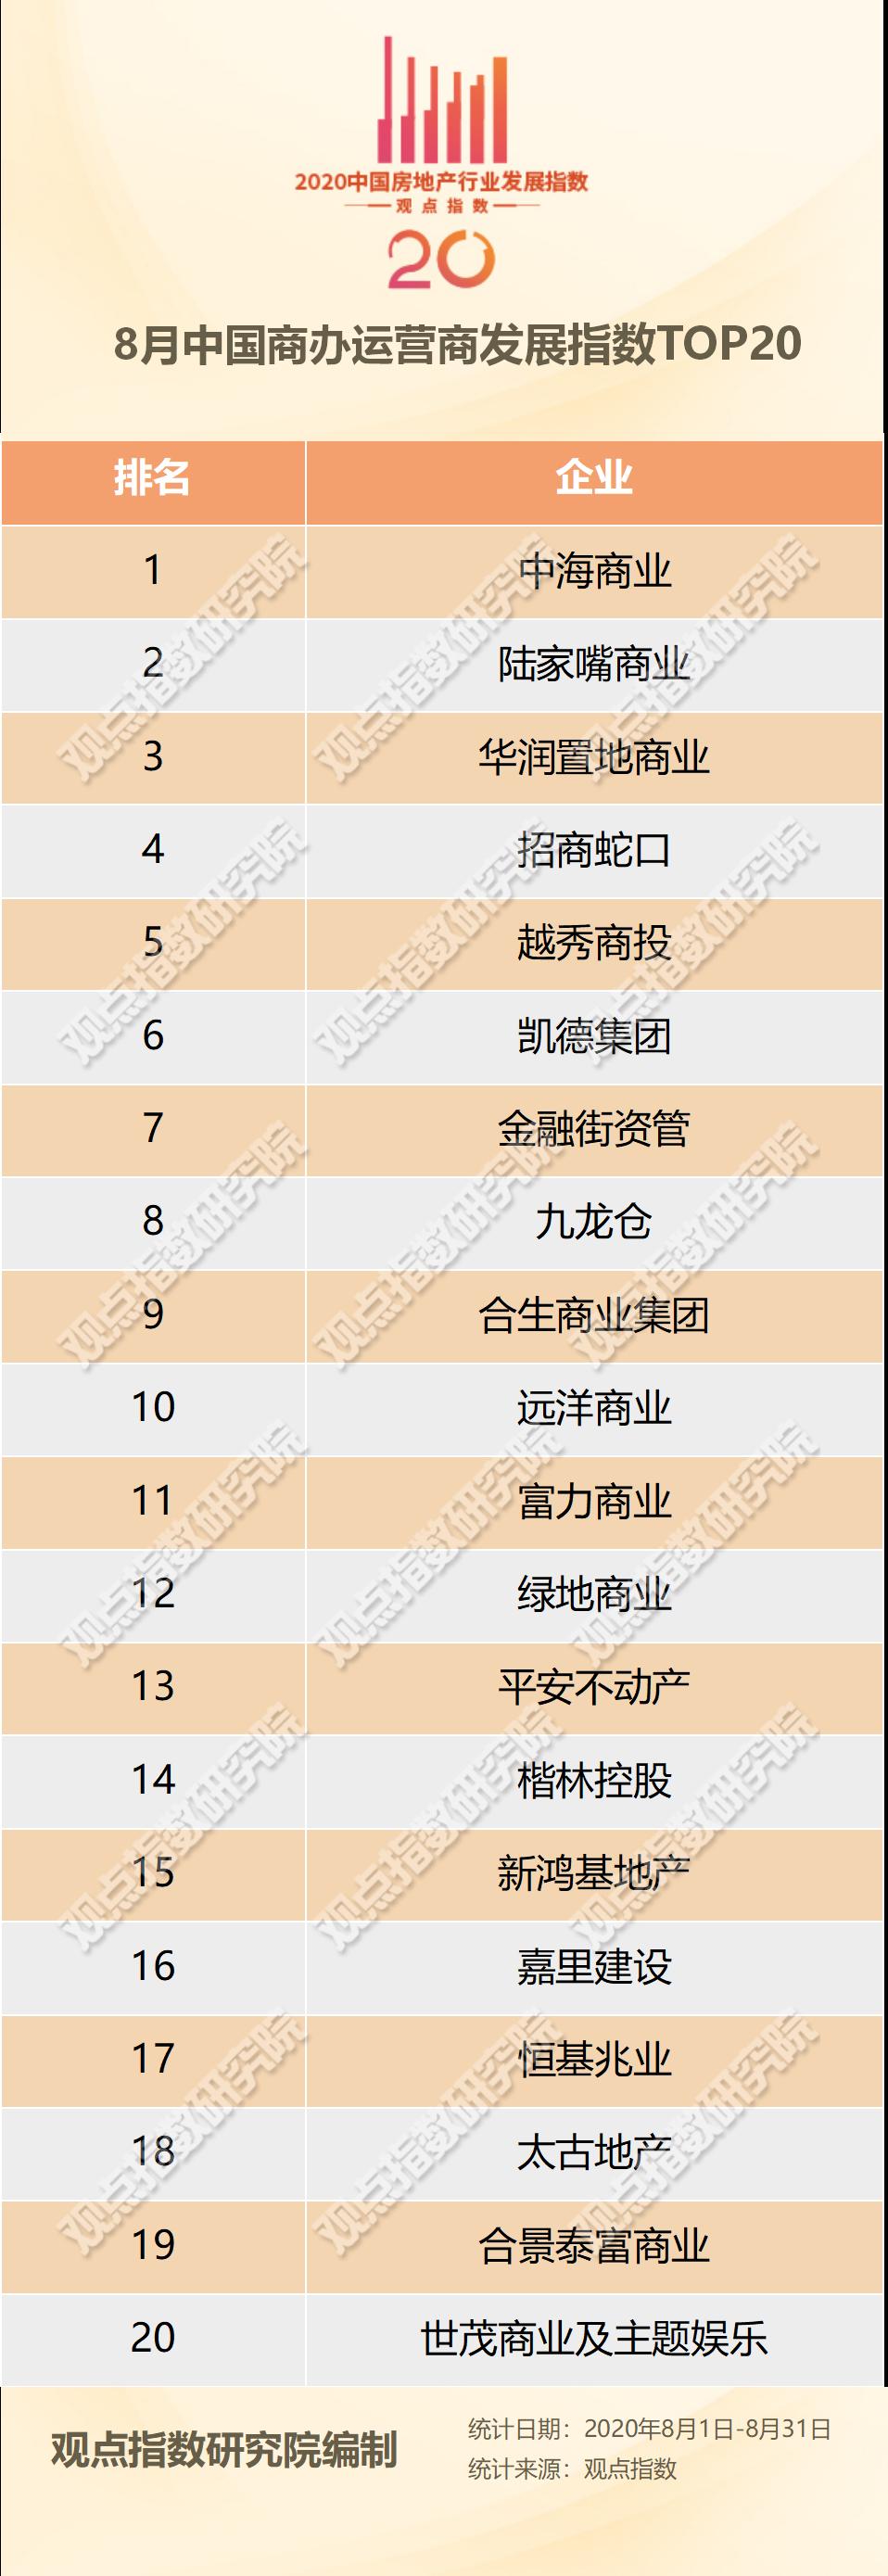 8月中国商办运营商TOP20报告·观点月度指数